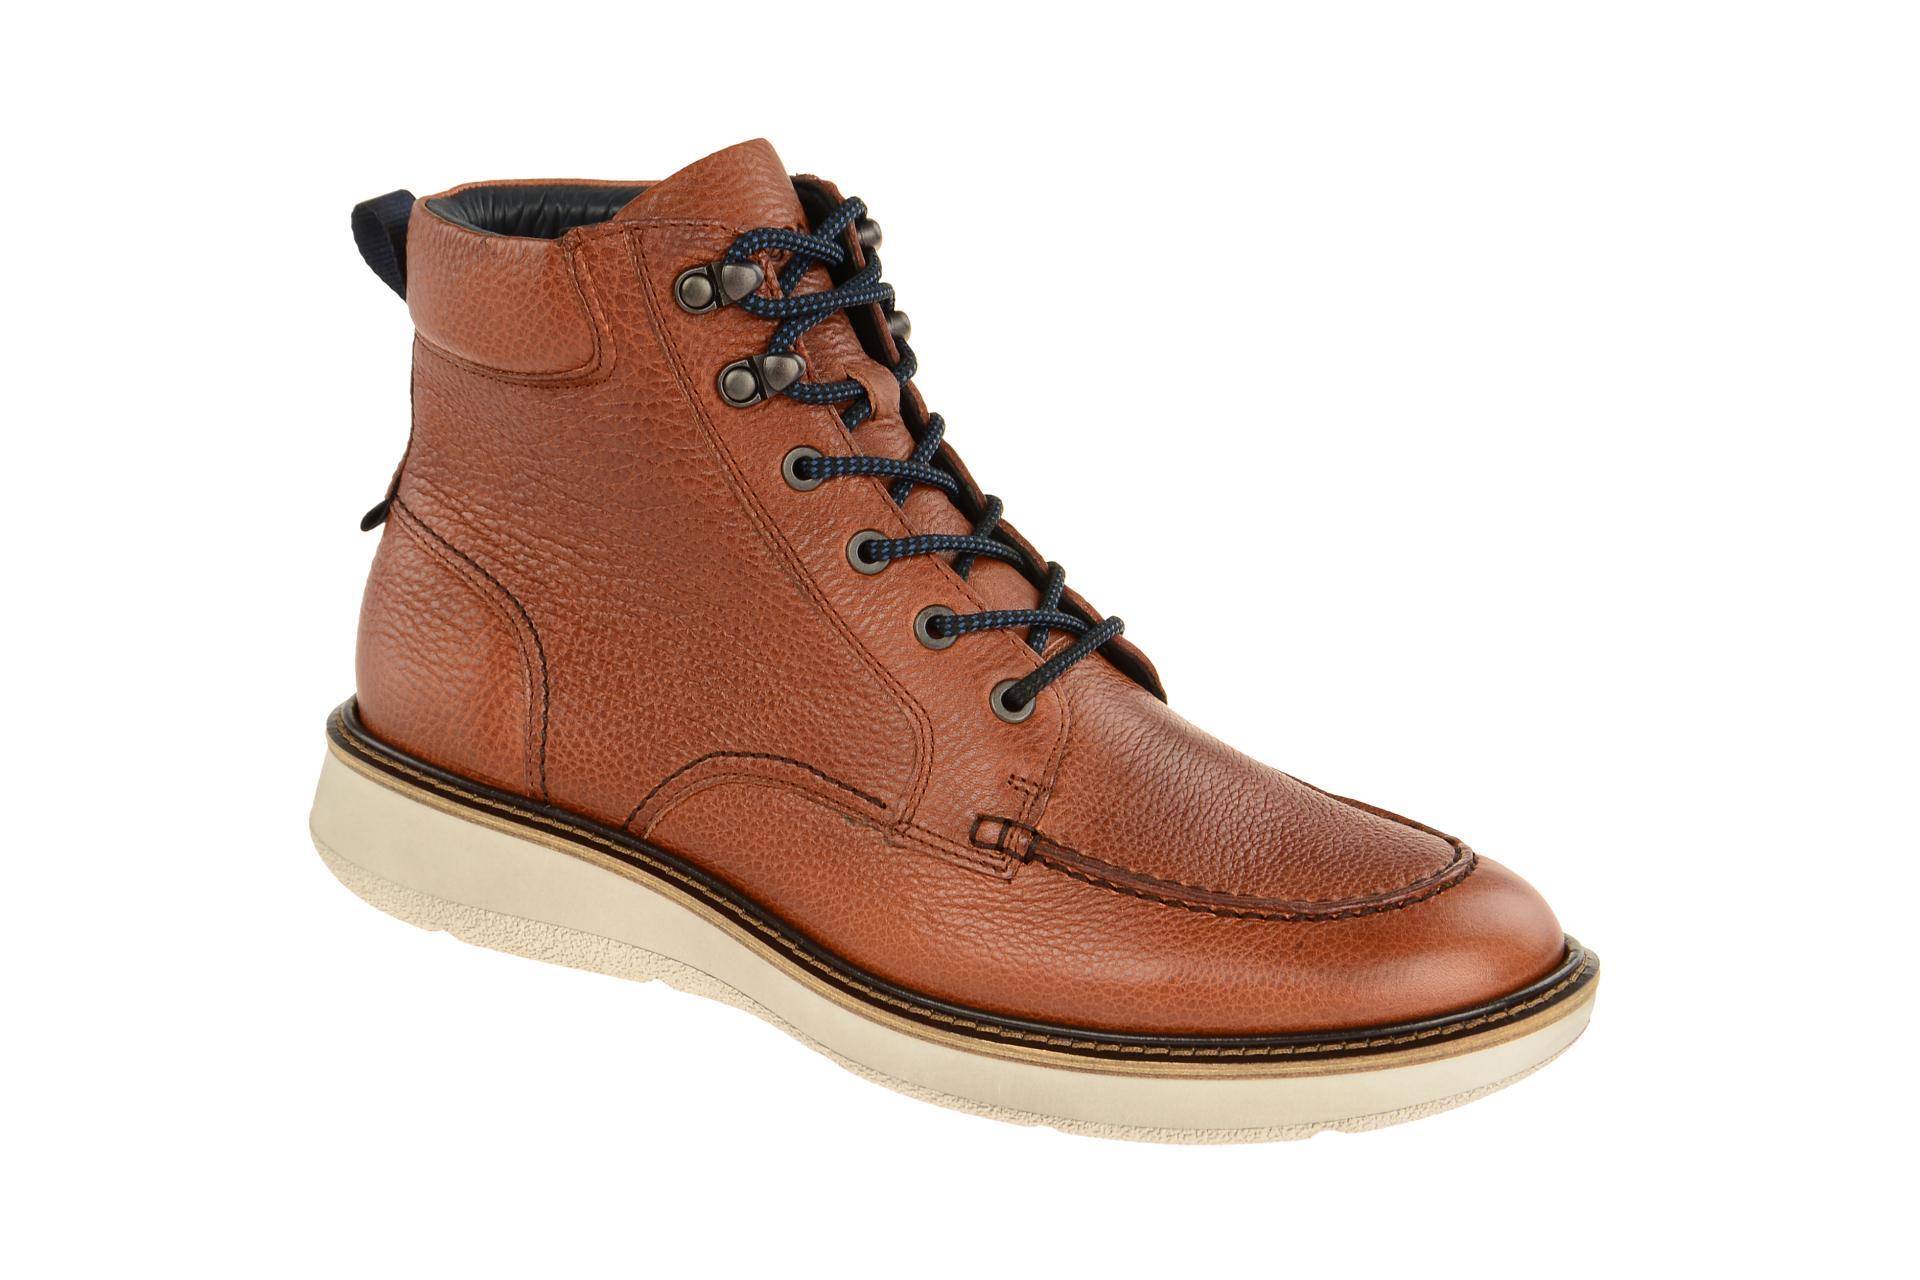 new style 43157 72d70 Ecco Schuhe 2018 Onlineshop für Herrenschuhe